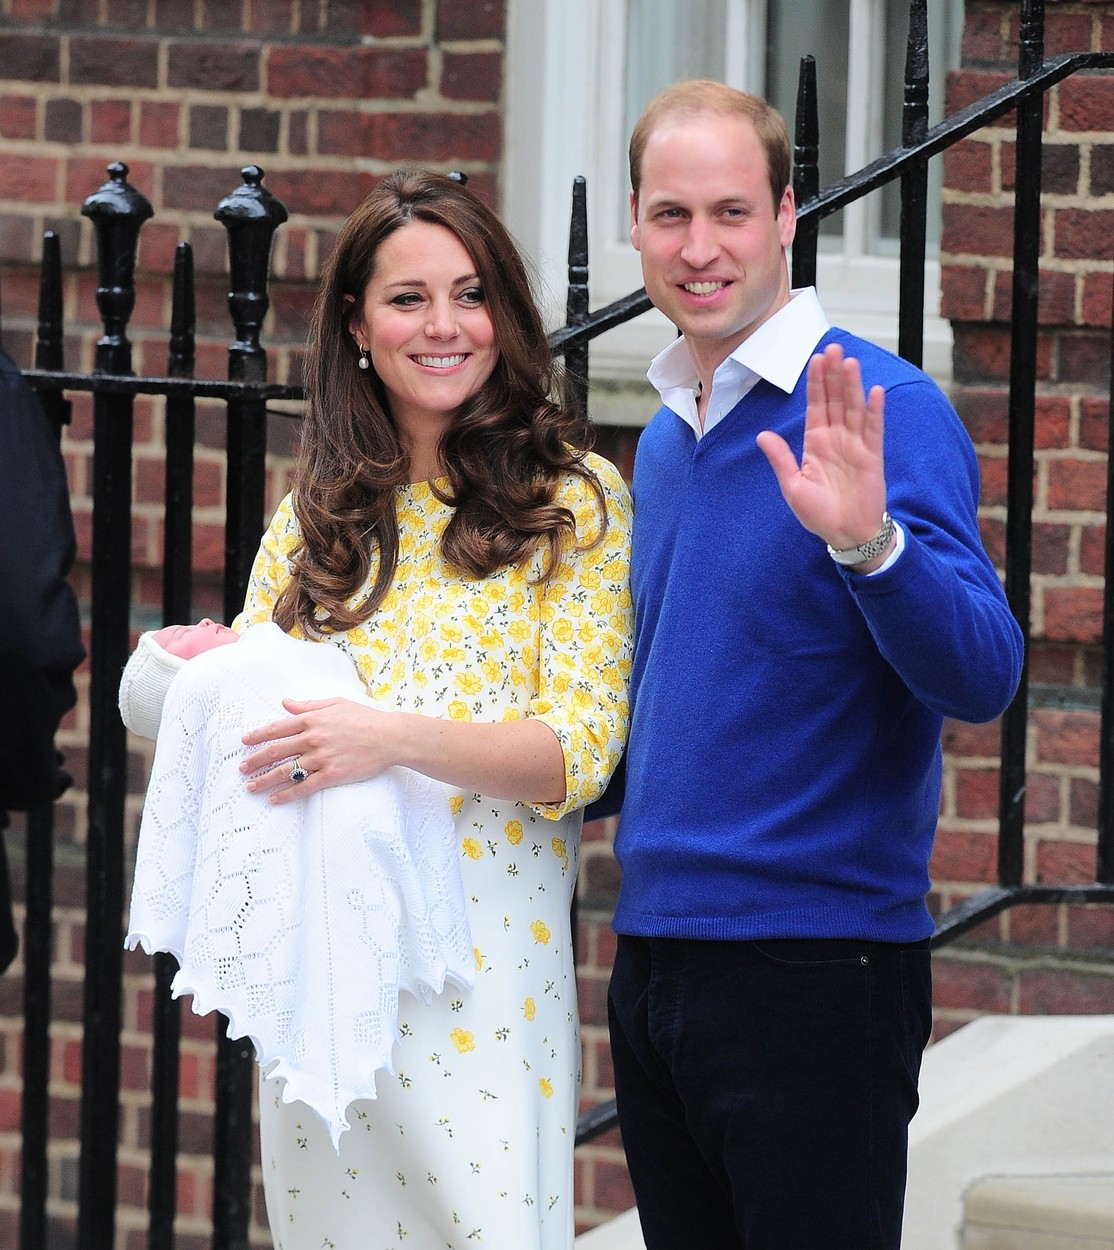 Vévodkyně Kate a princ William opouští porodnici s malou Charlotte (2015)